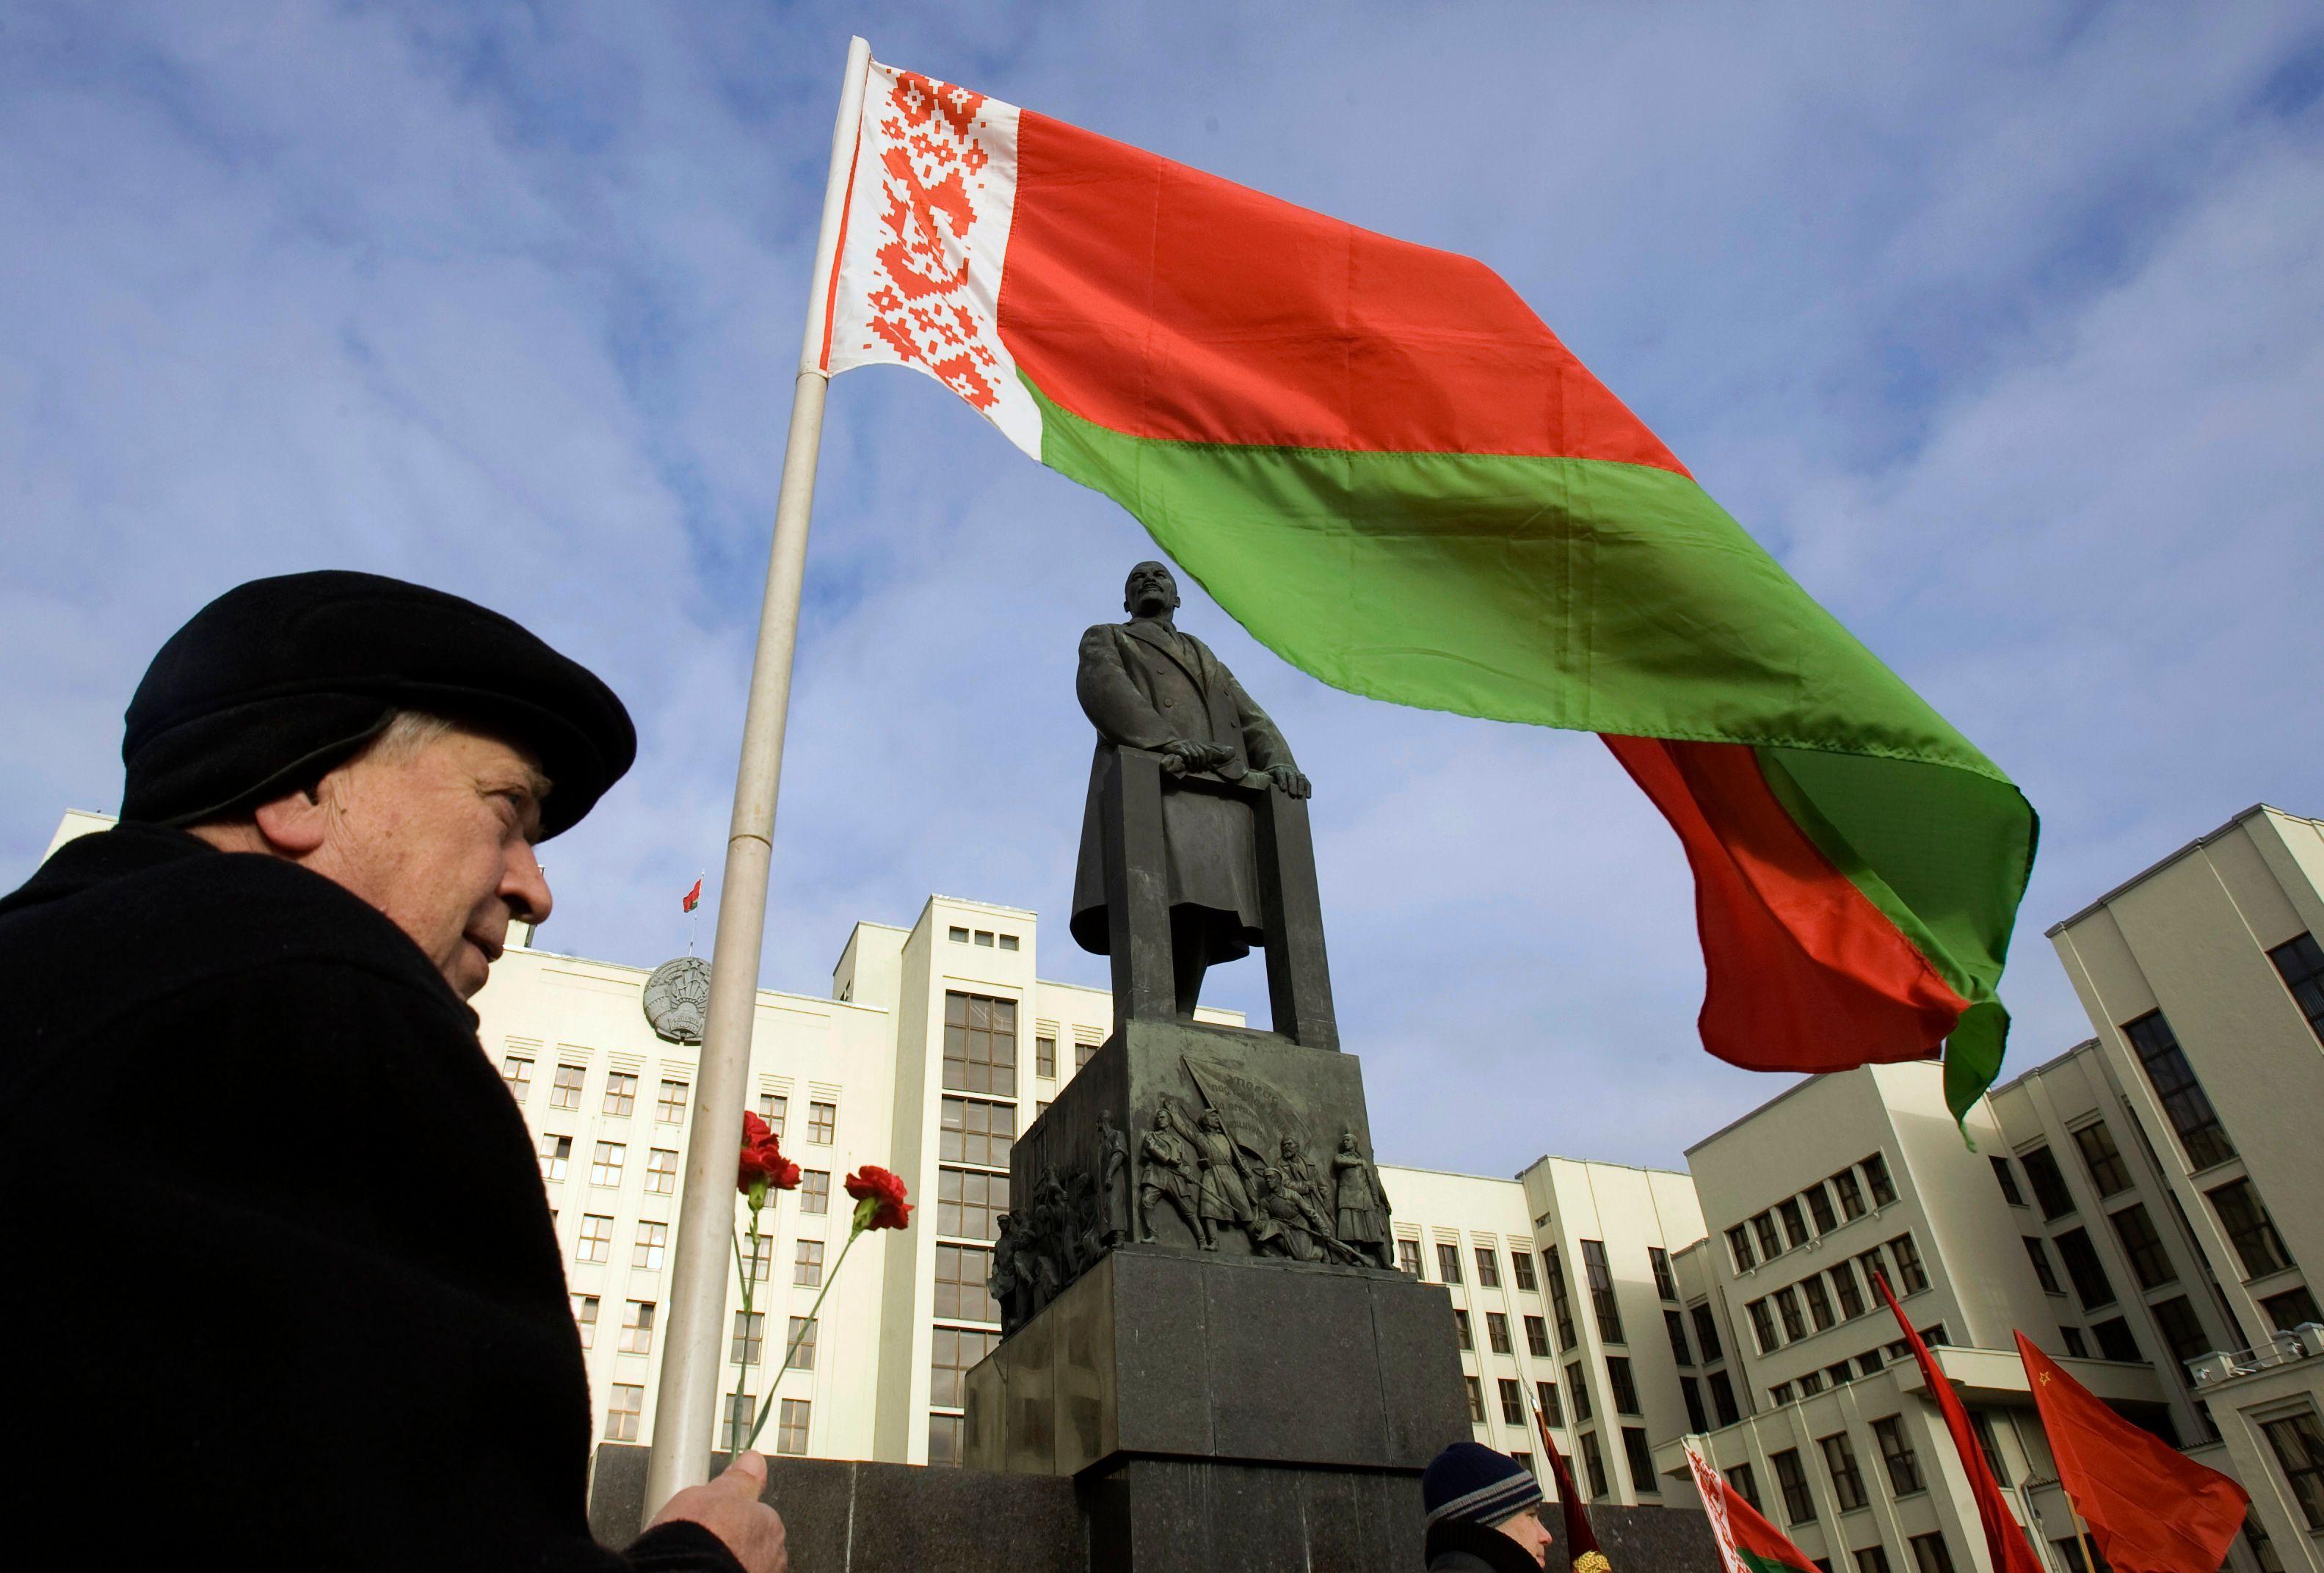 L'Europe commémore la reconquête de sa liberté et pendant ce temps-là la Biélorussie prévoit le retour du servage